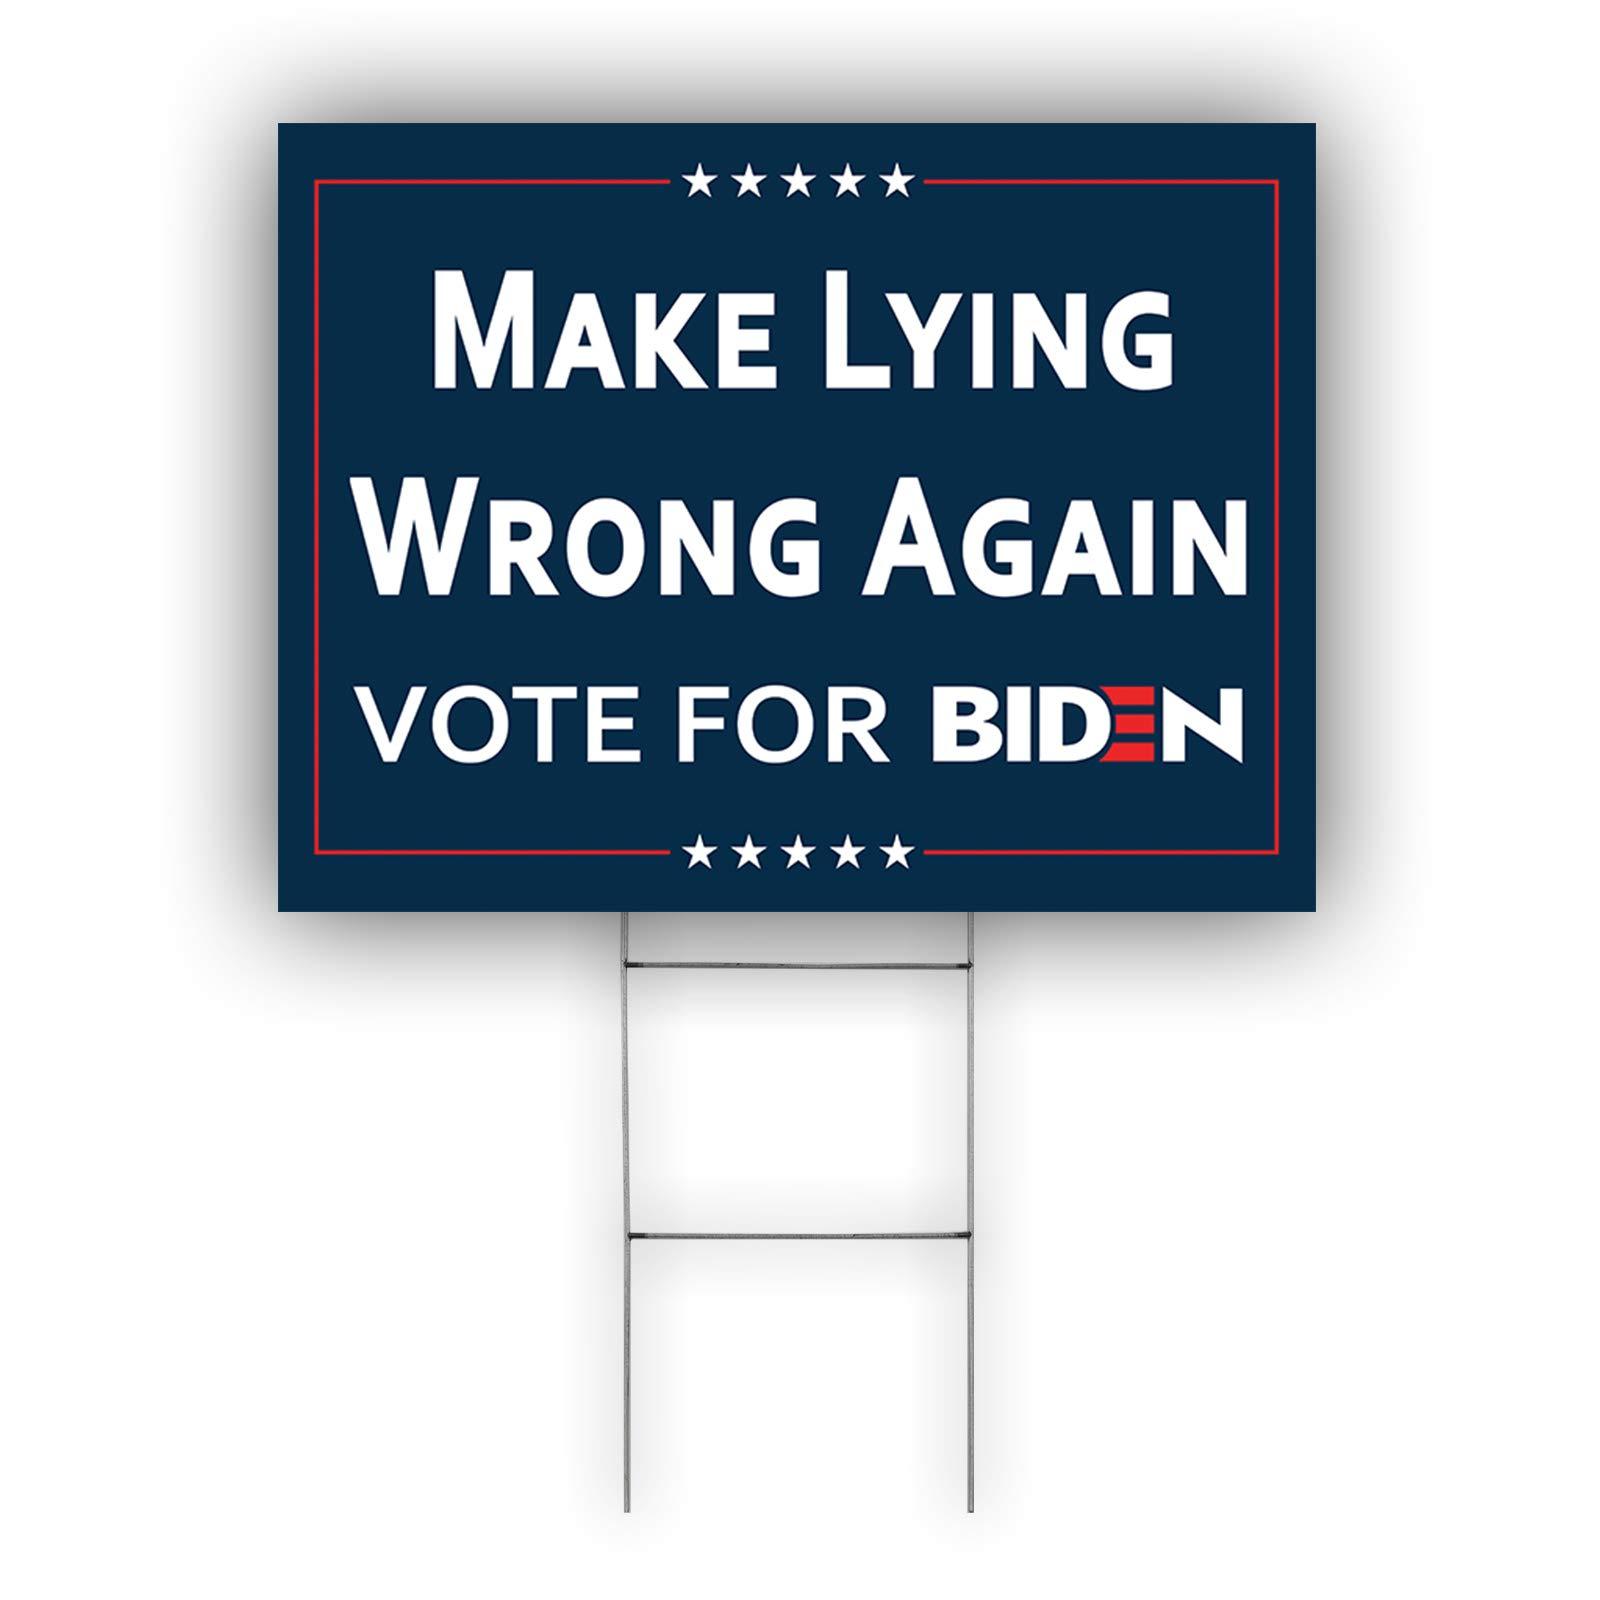 Biden For President 2020 Vote for Biden USA President Elections Yard Sign